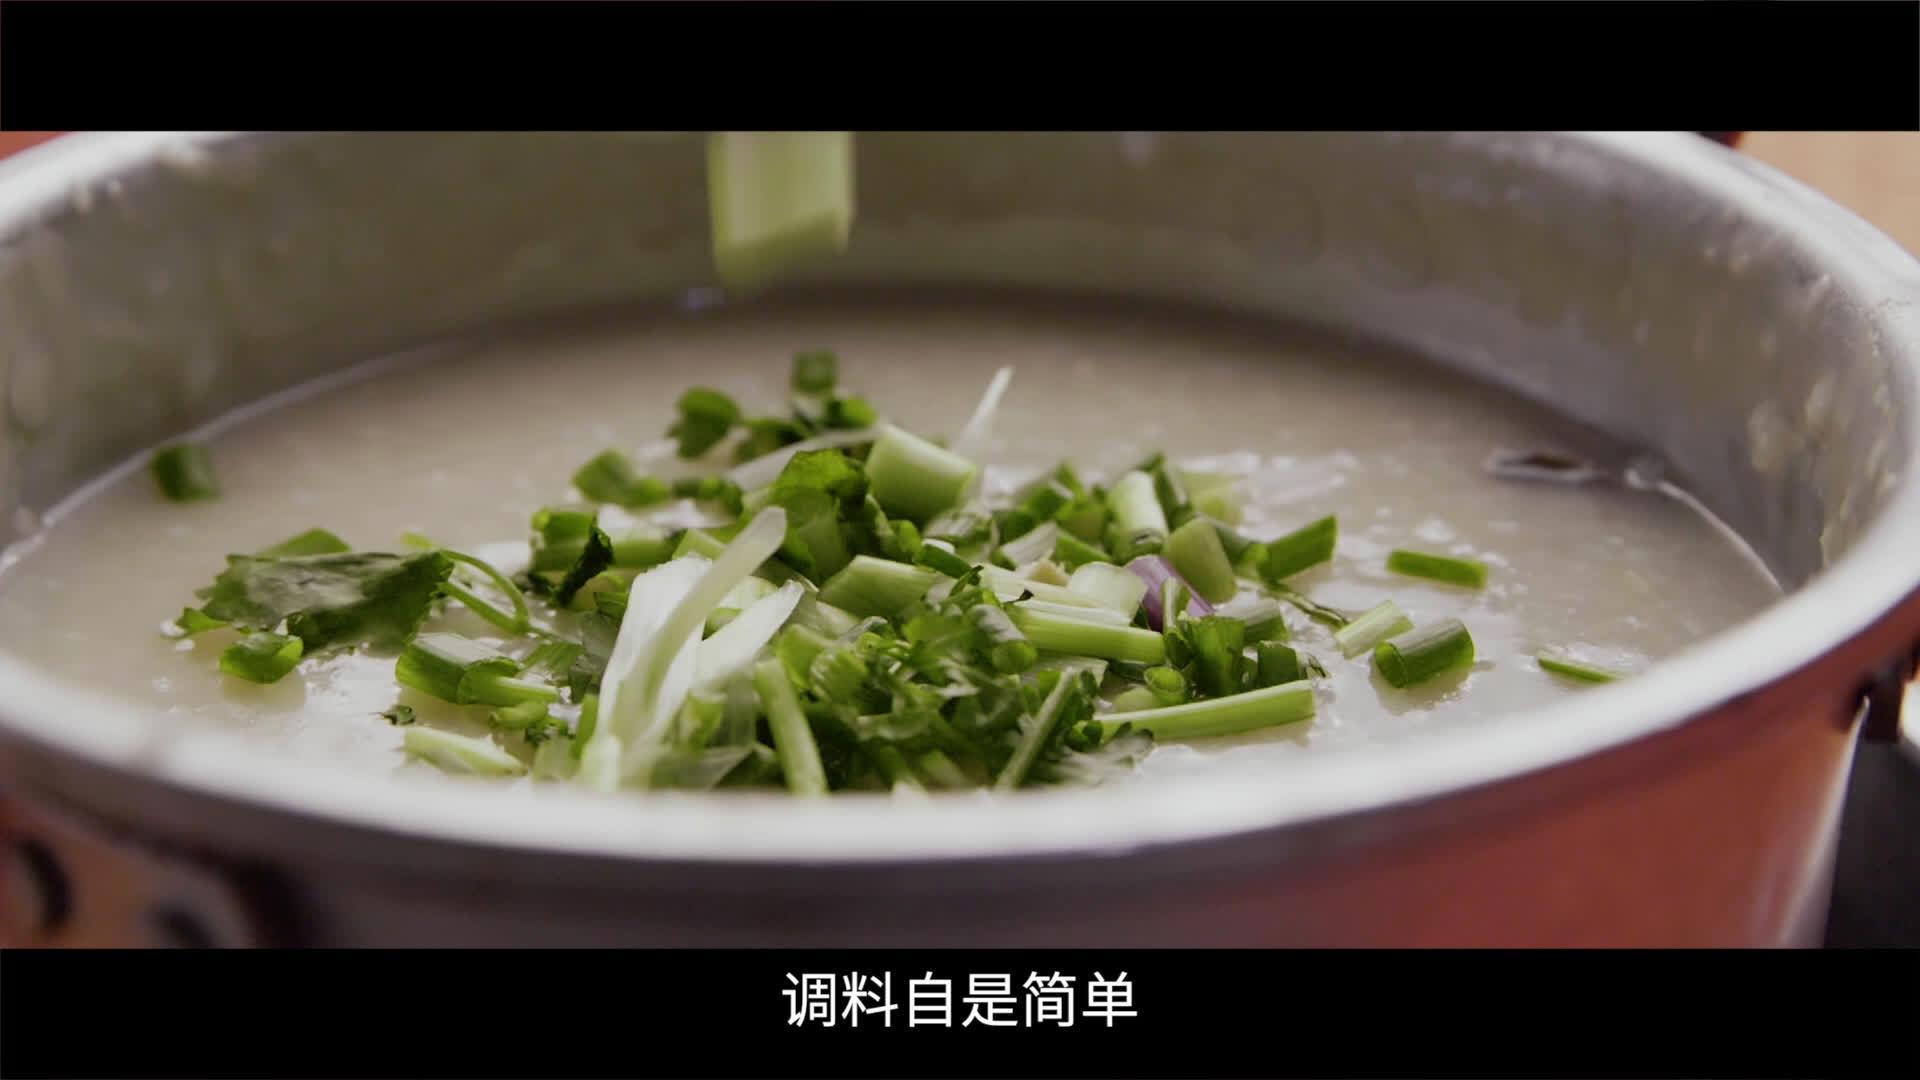 在广州,最好的猪杂都是要深更半夜出动